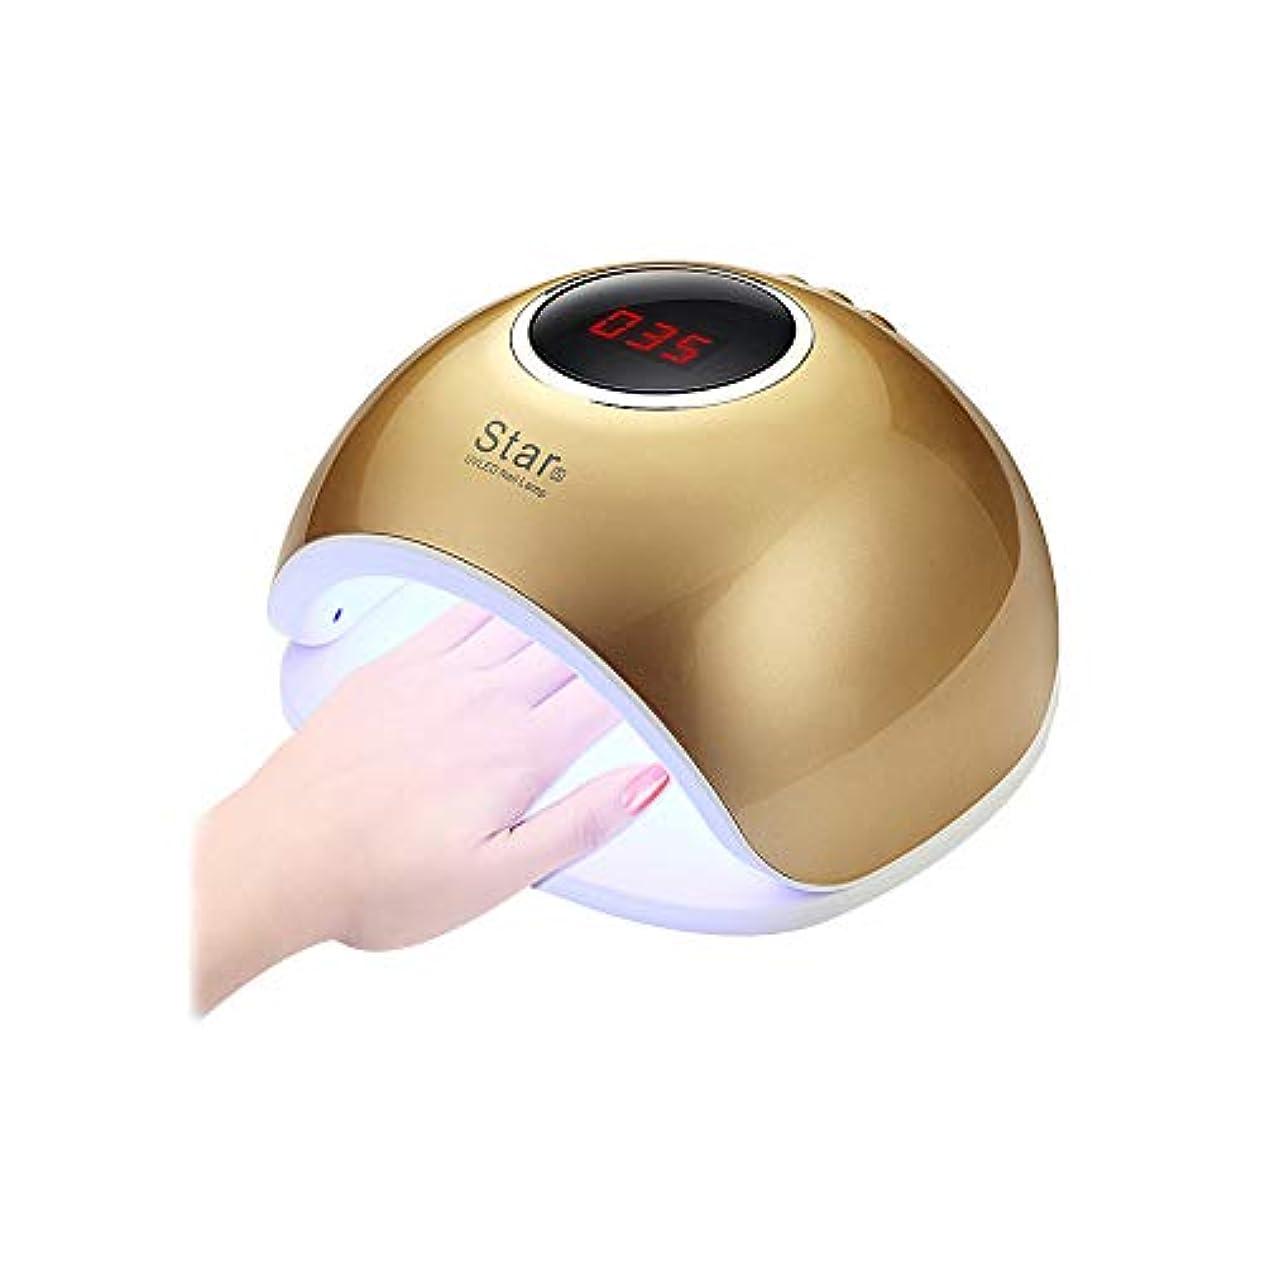 放射するクラフトつまらないホーム初心者ネイルスマート光療法機72ワットスマート誘導速乾性光線療法ランプネイルランプネイル硬化ランプネイルツールキット